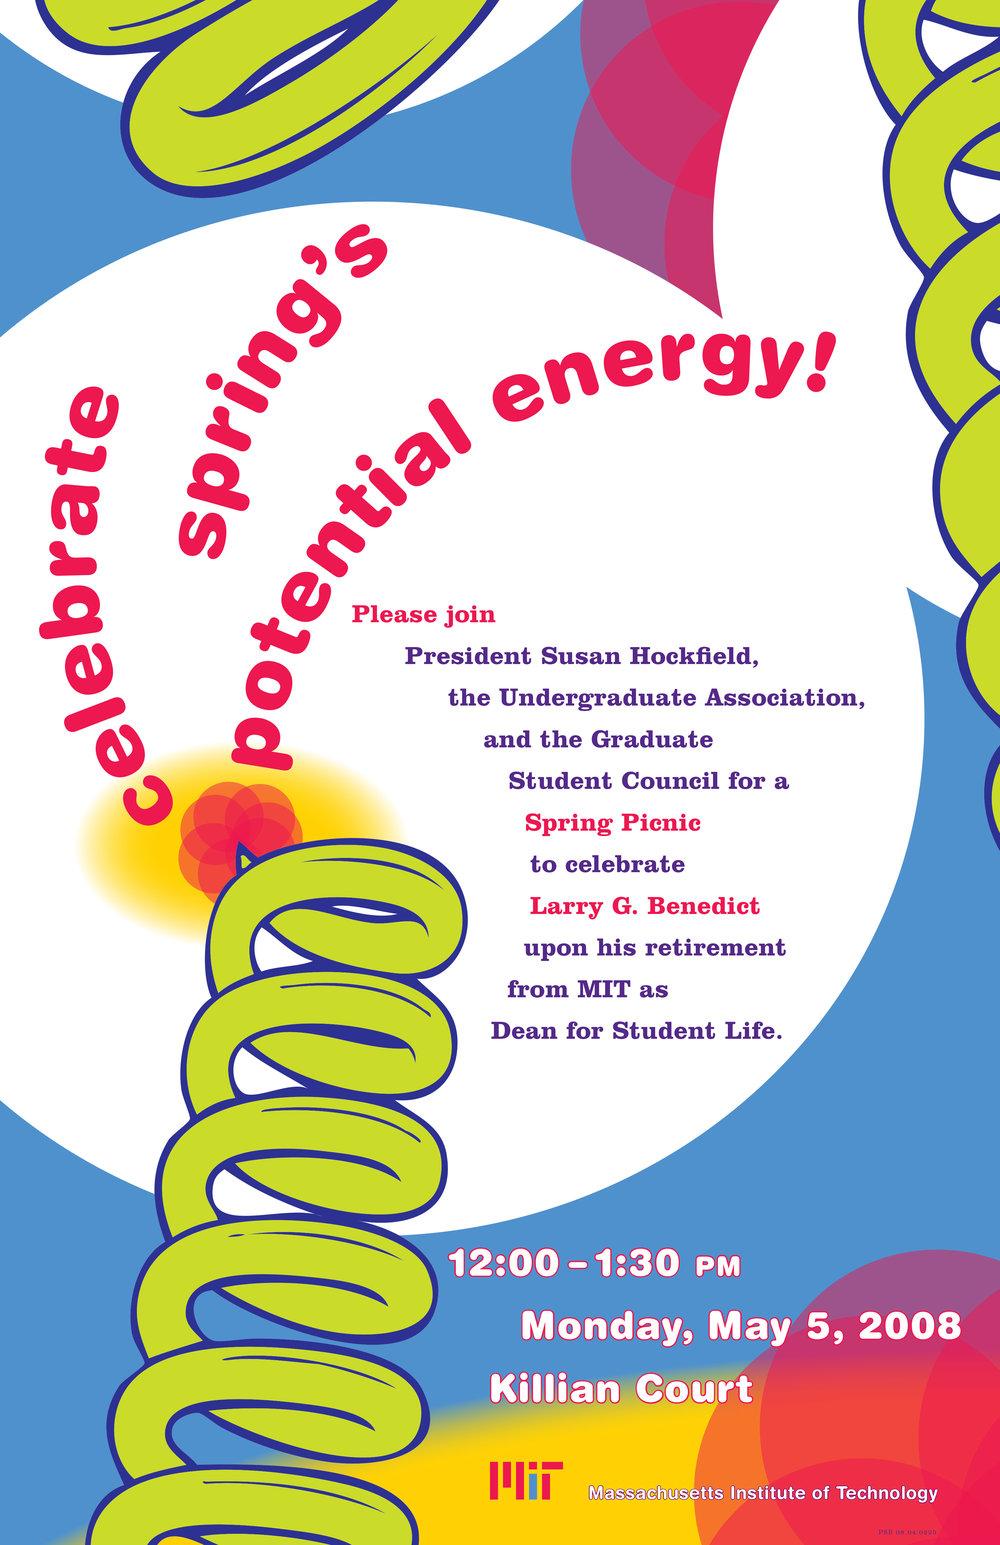 MIT Spring Picnic poster